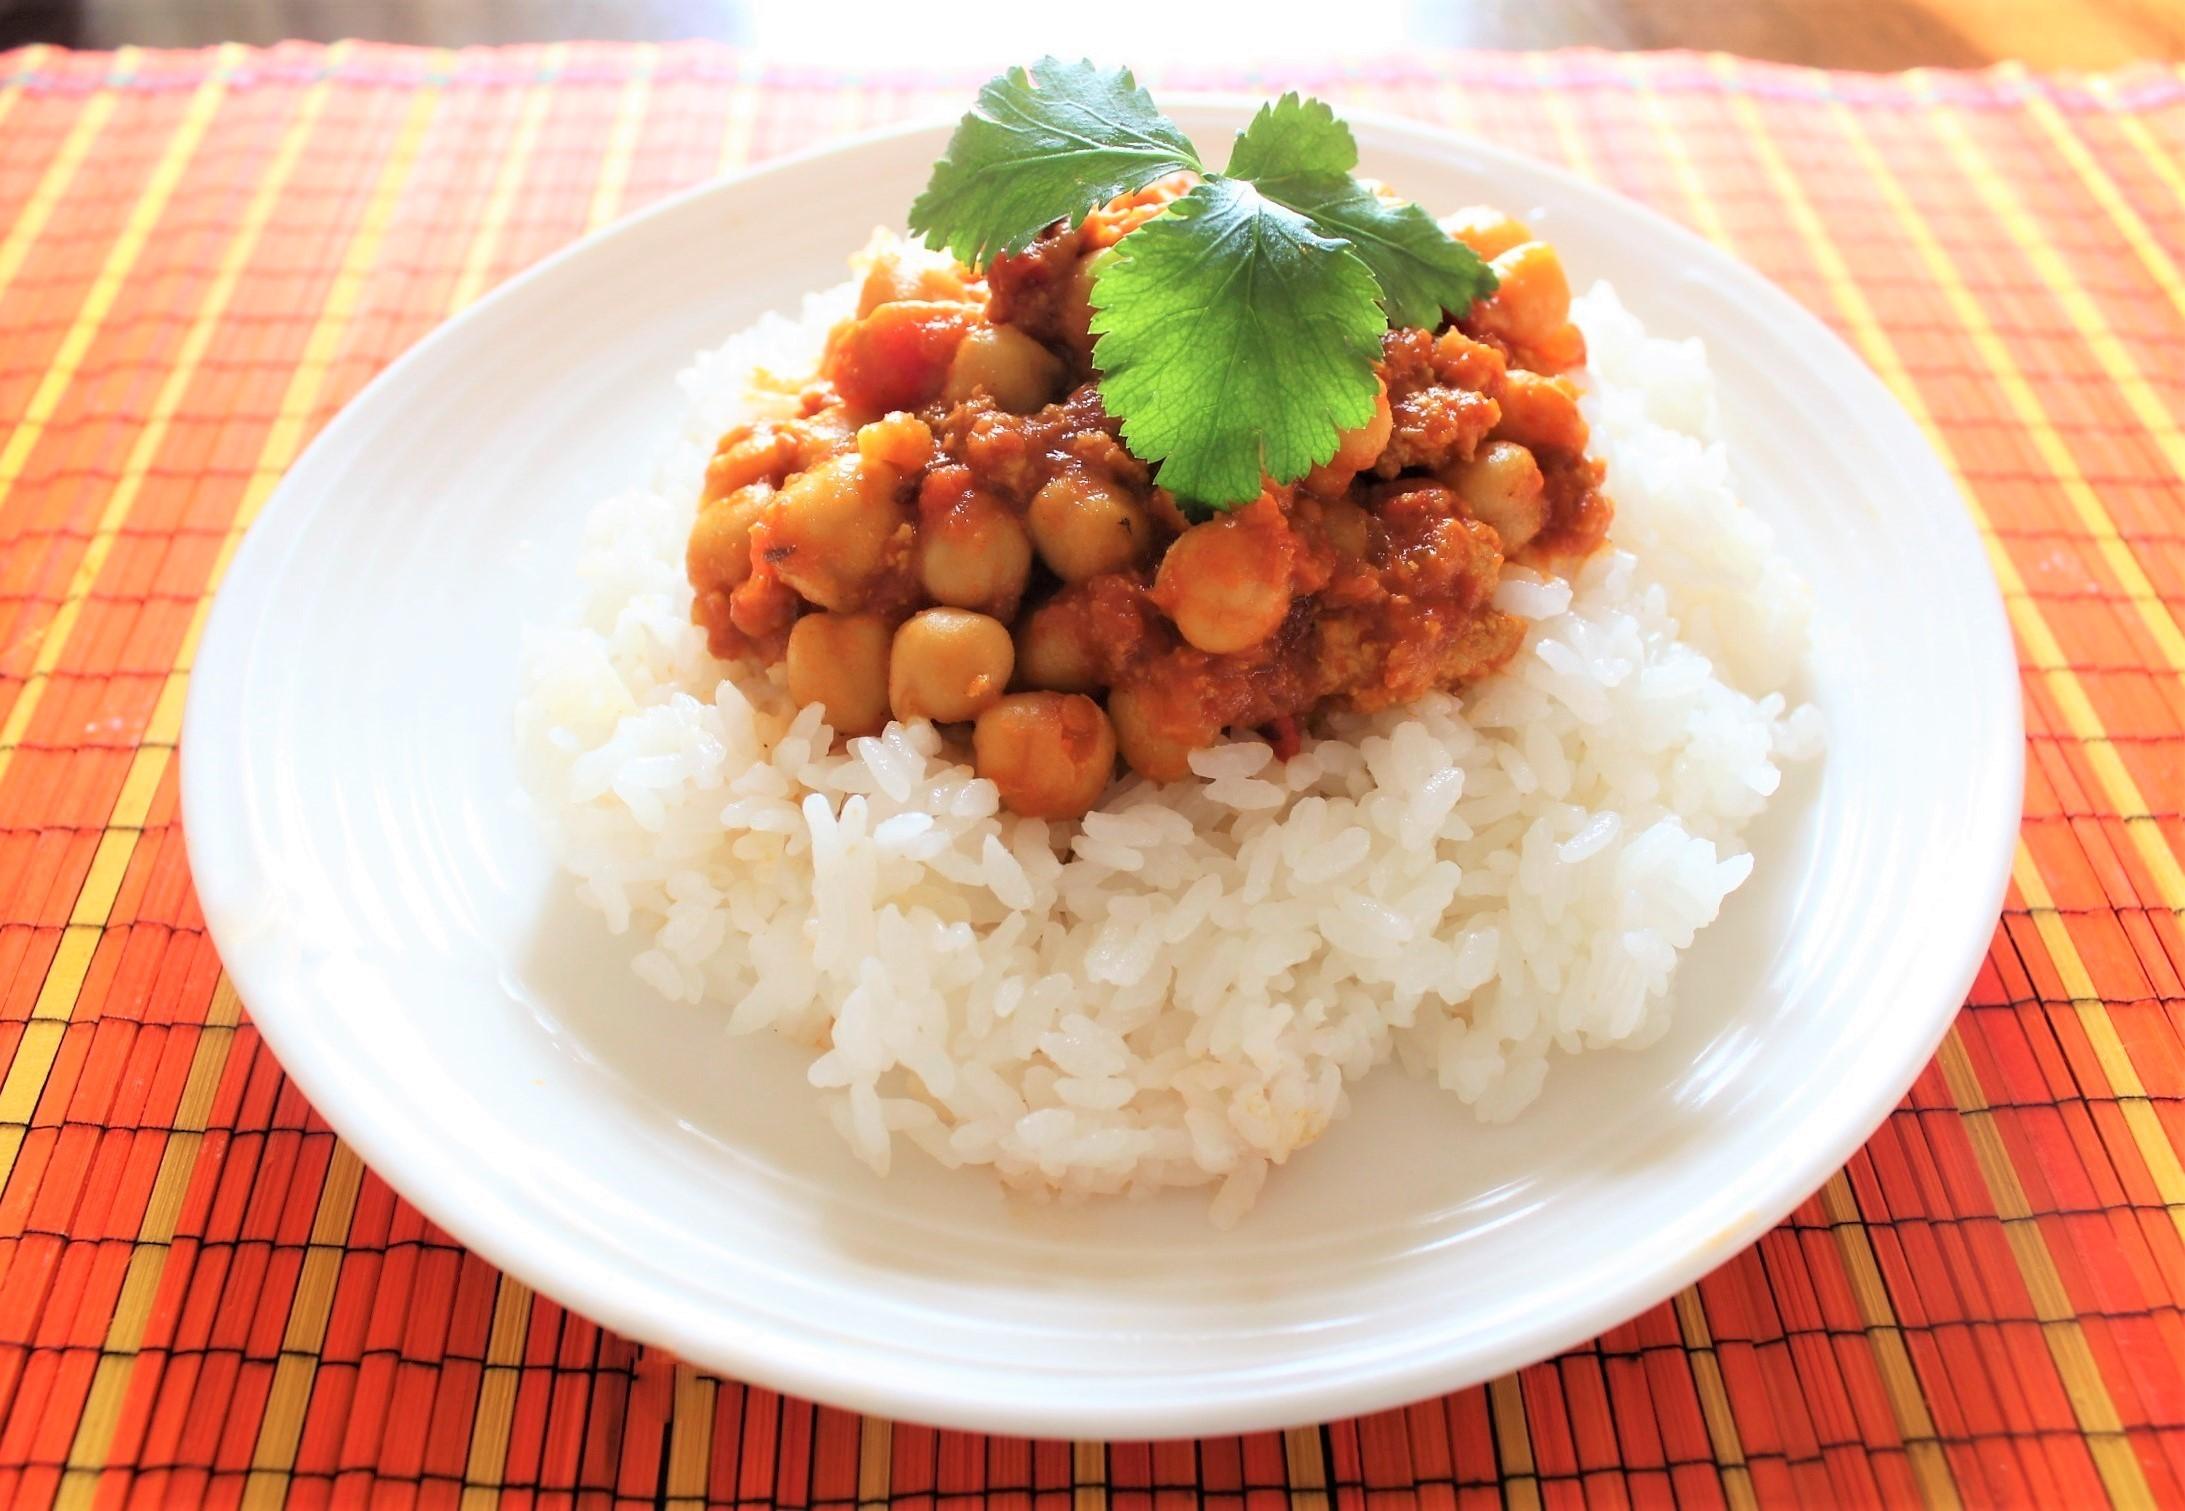 【2月再入荷予定】ひよこまめとトマトのカレー 豆付きスパイスセット 4人前